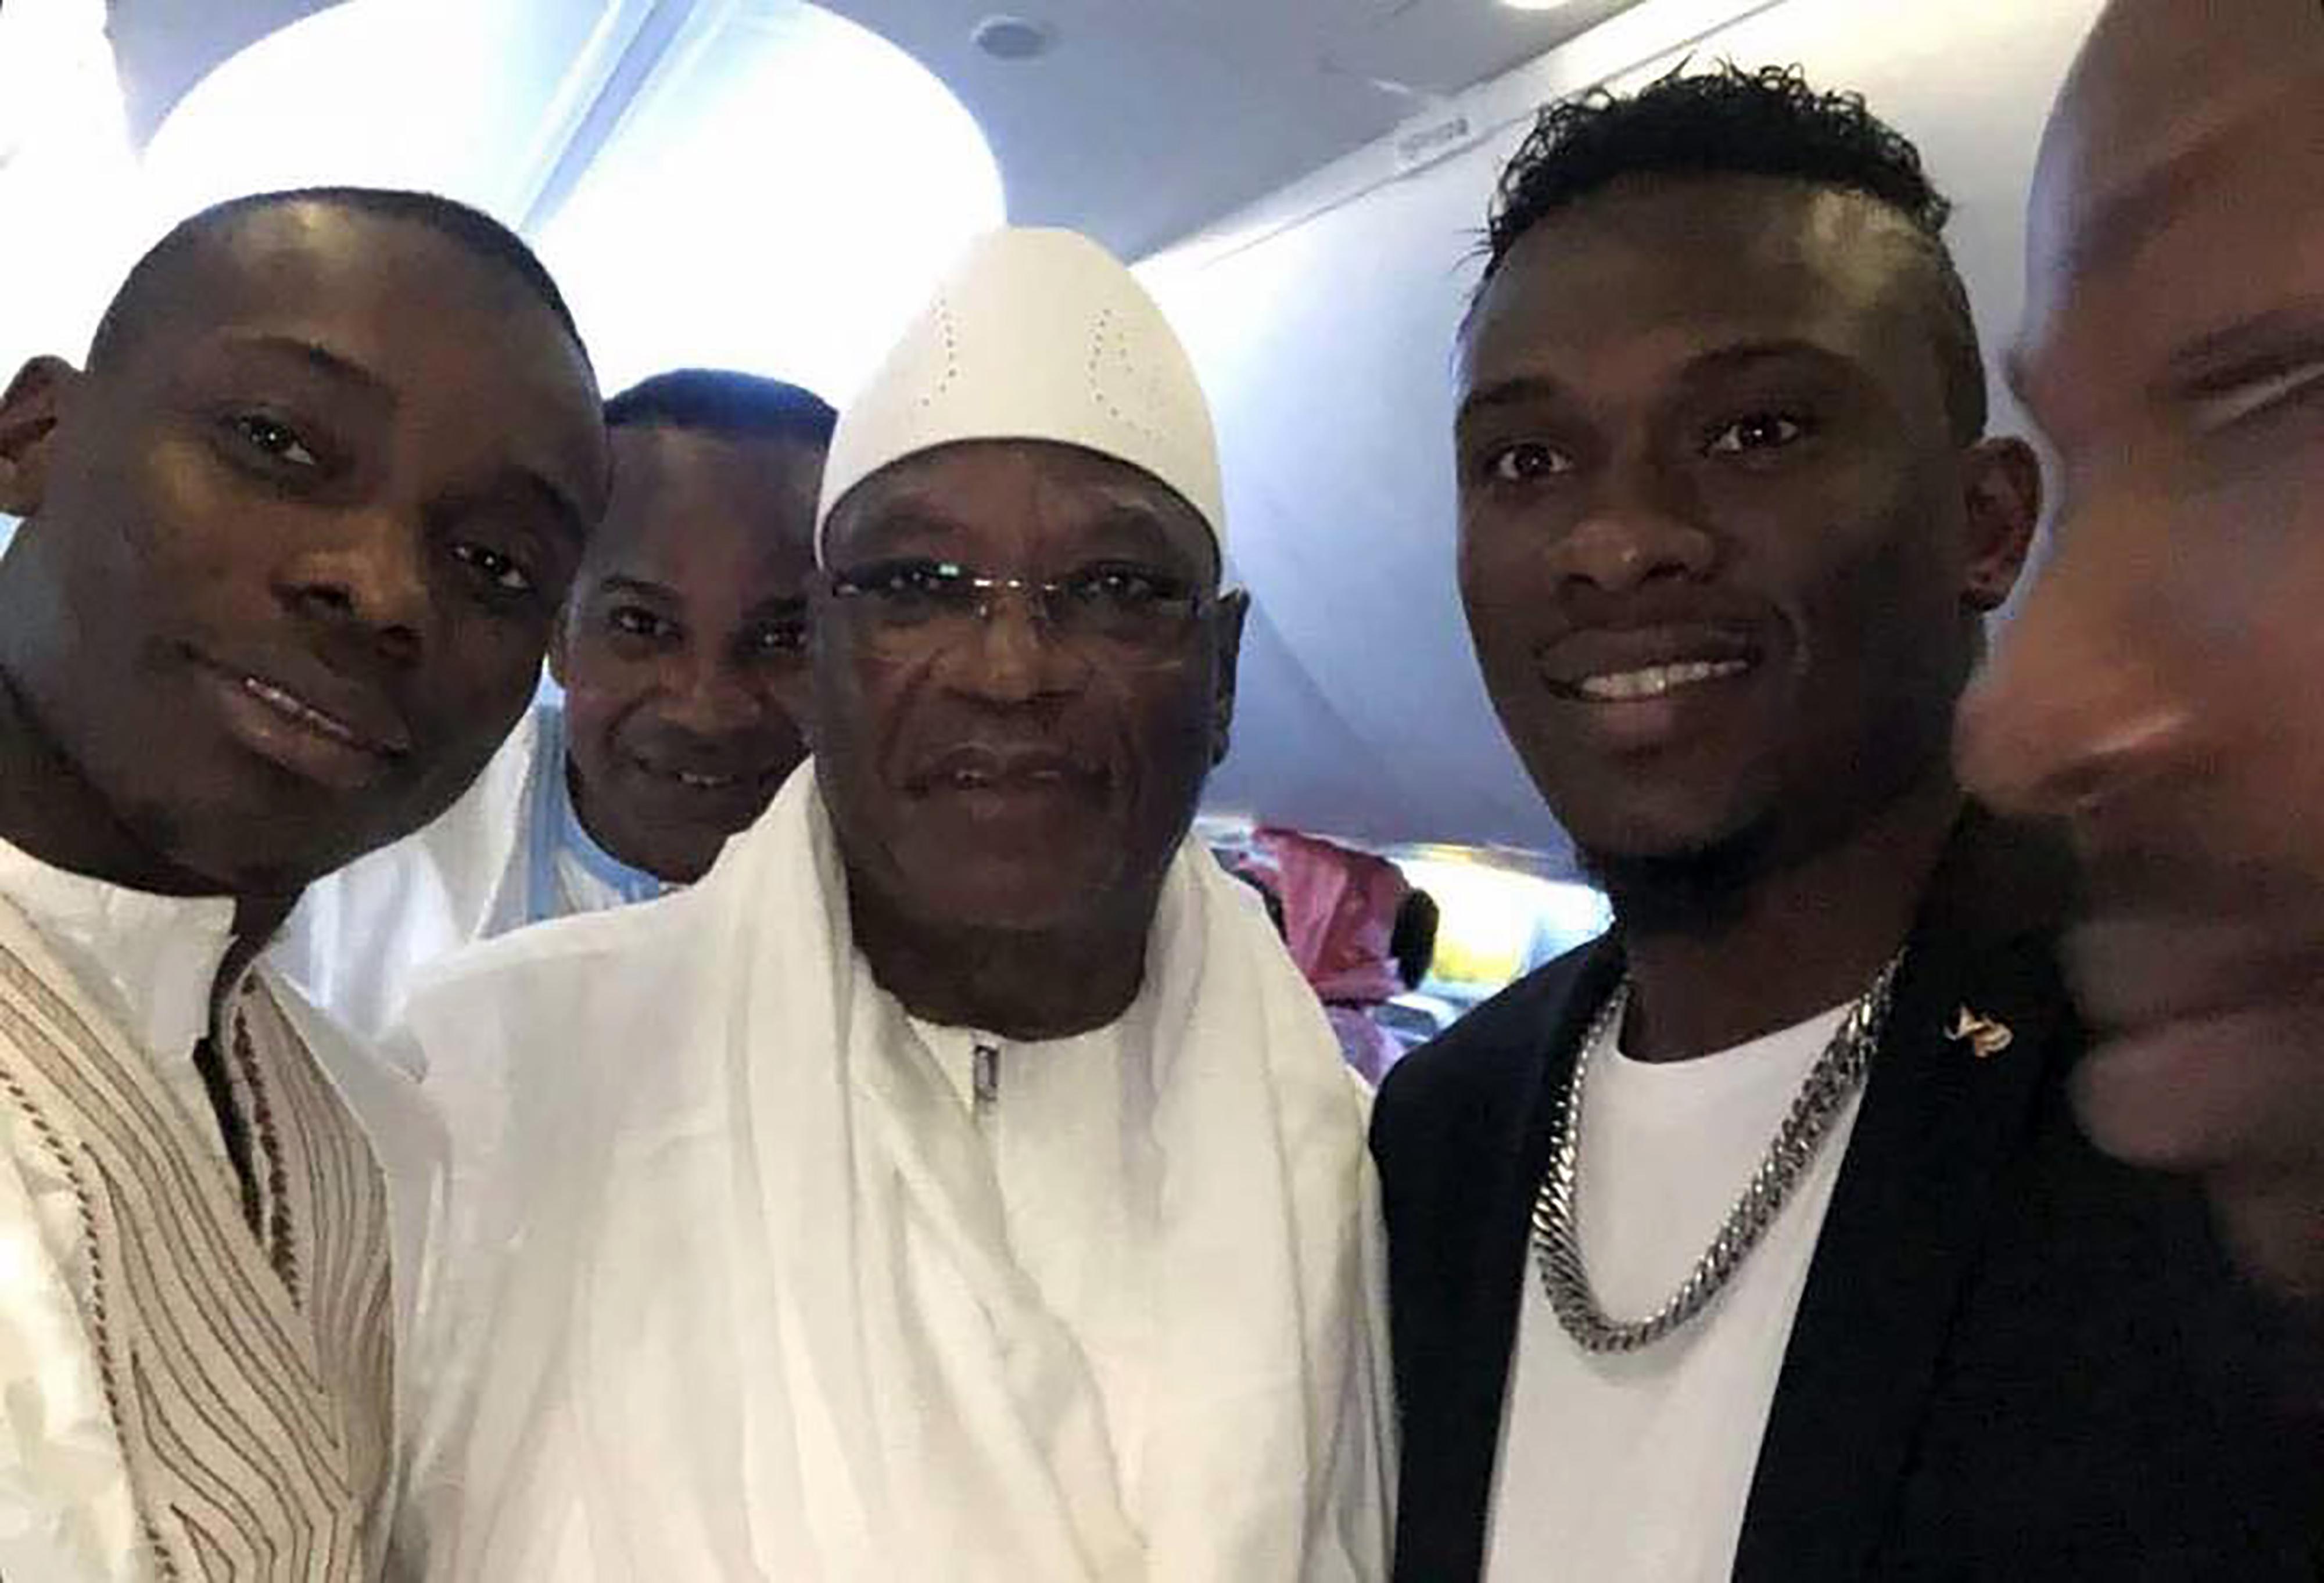 Mali les invités du voyage présidentiel divisent les internautes